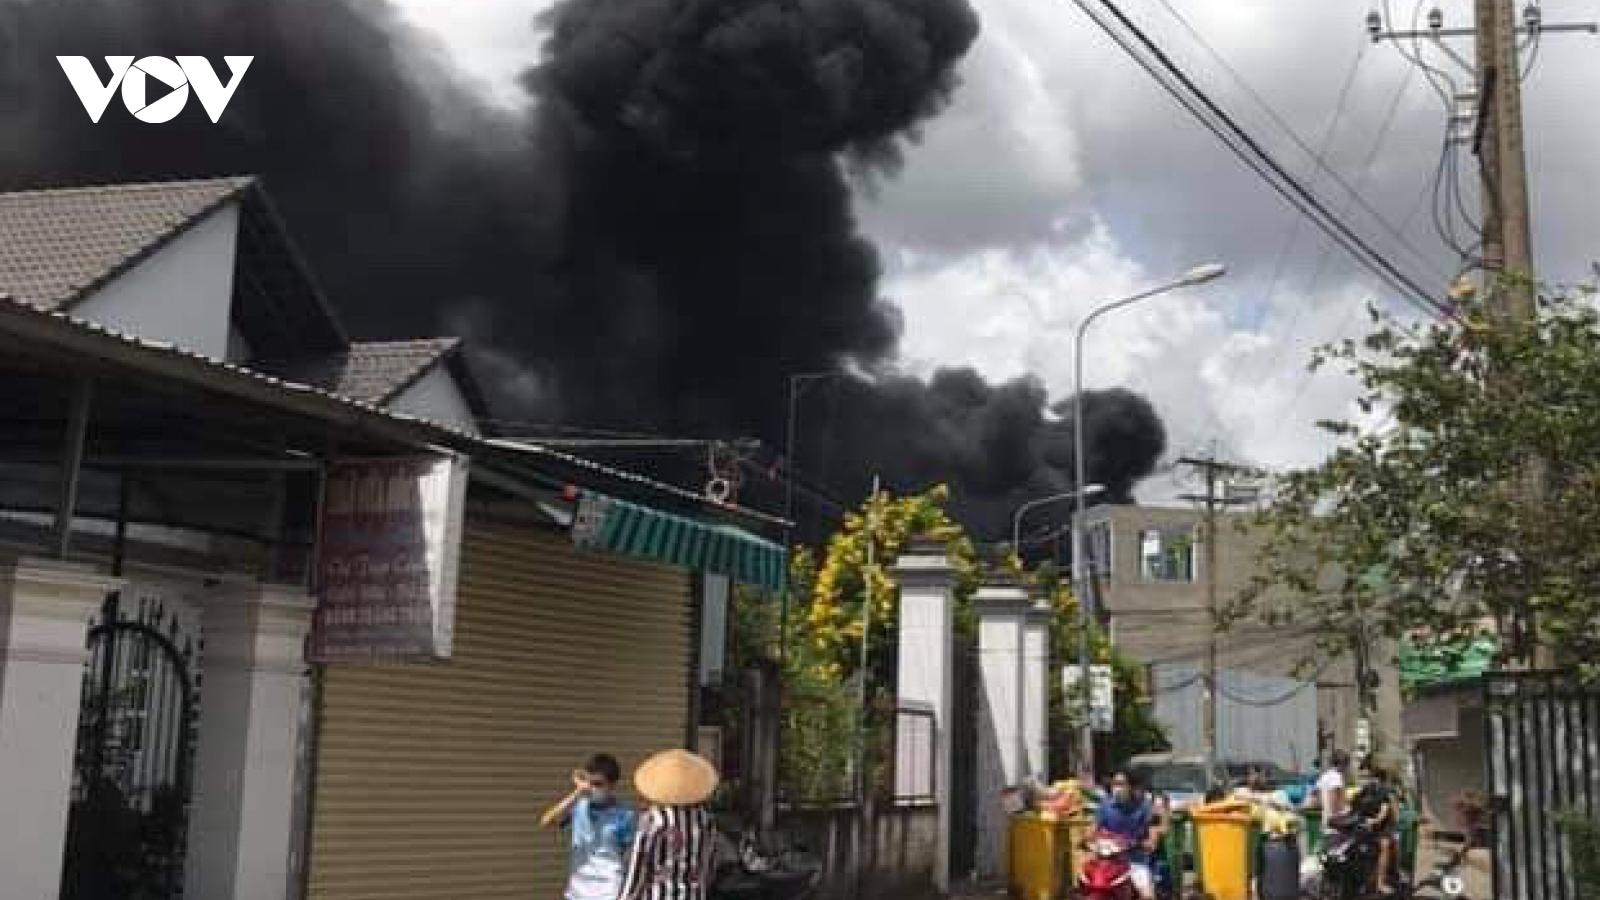 Cháy xưởng sản xuất mút xốp trong khu dân cư ở Bình Dương